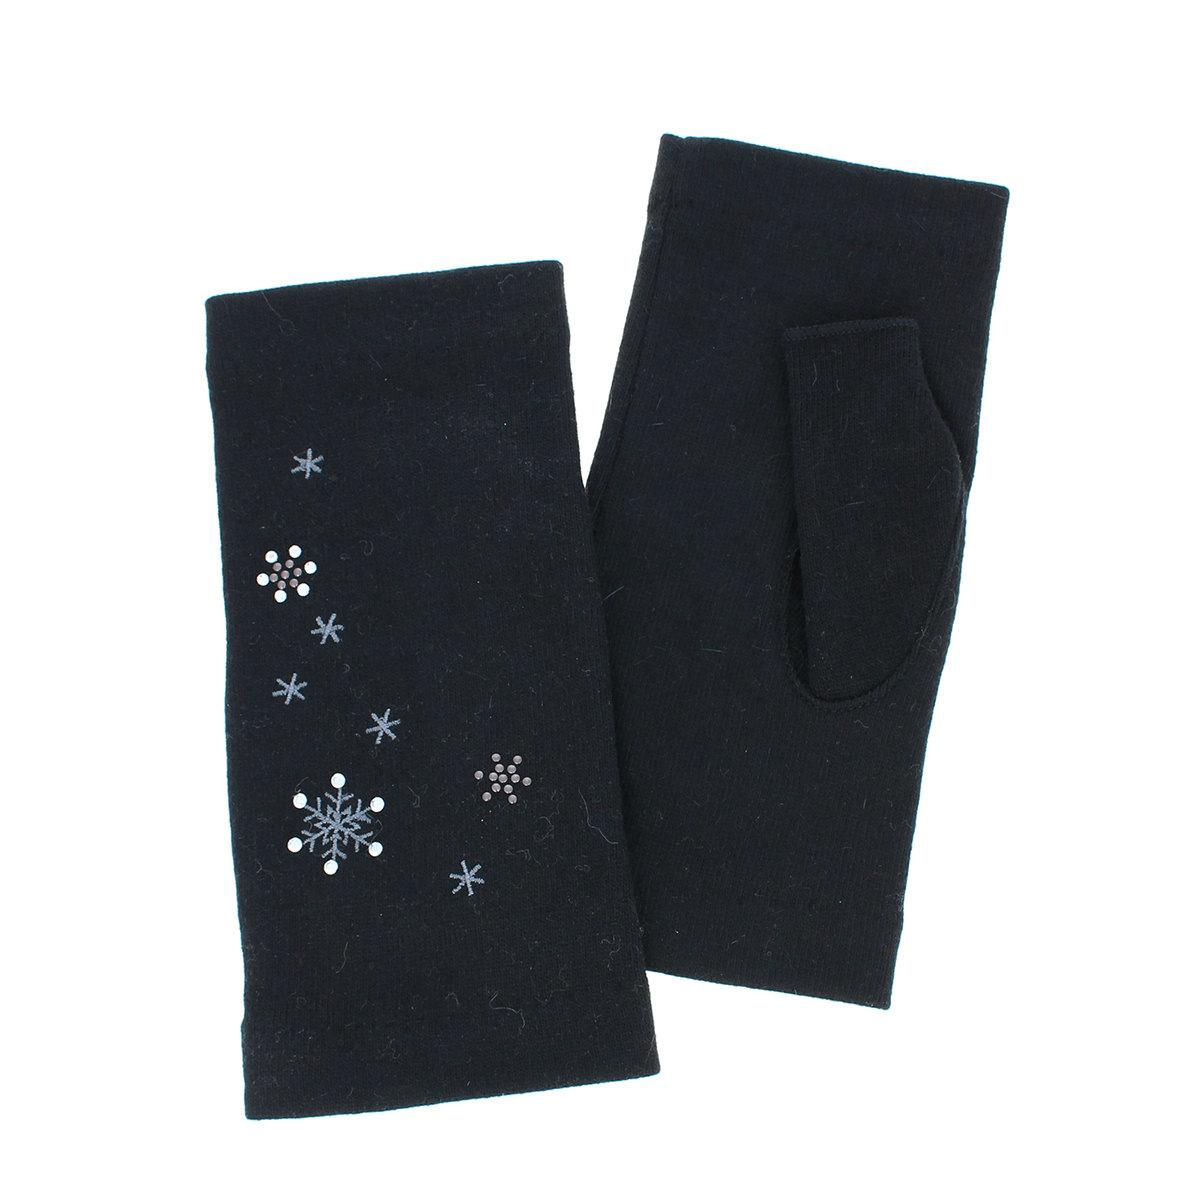 ローラアシュレイ 人気ブランド レディース ジャージ手袋 指なし 短め丈 秋冬 定番 スノーフレイク柄 スマホ タッチパネル対応